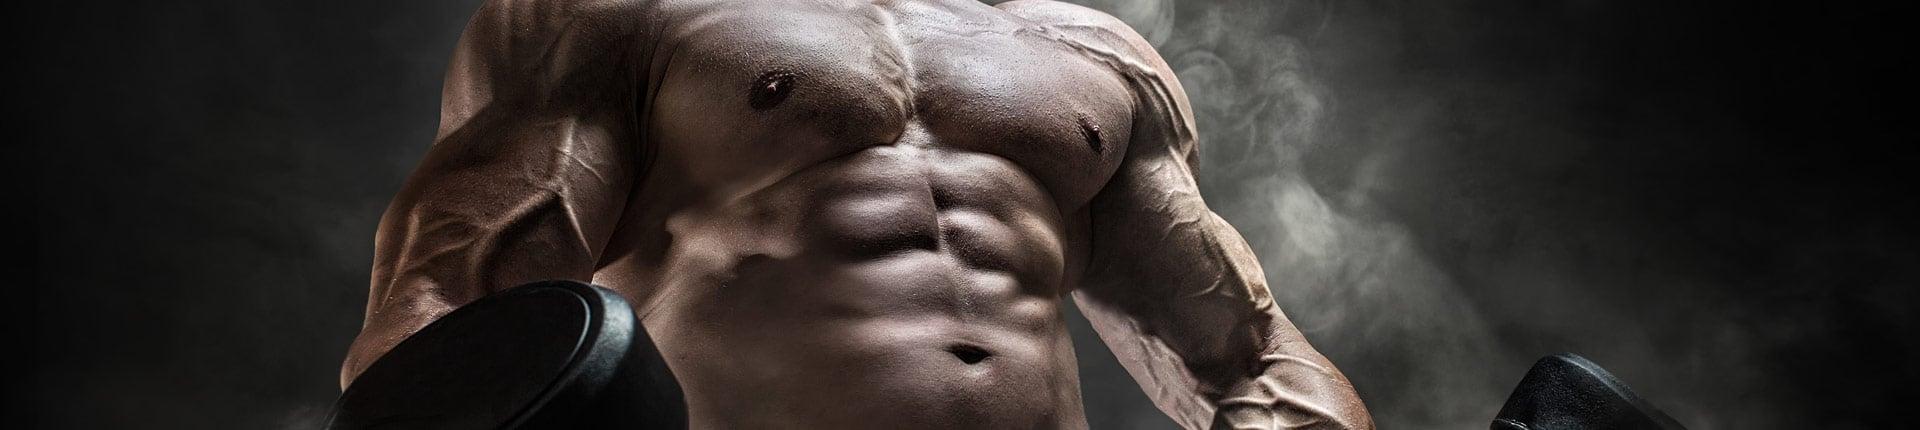 Podbij testosteron, zbij estrogeny!